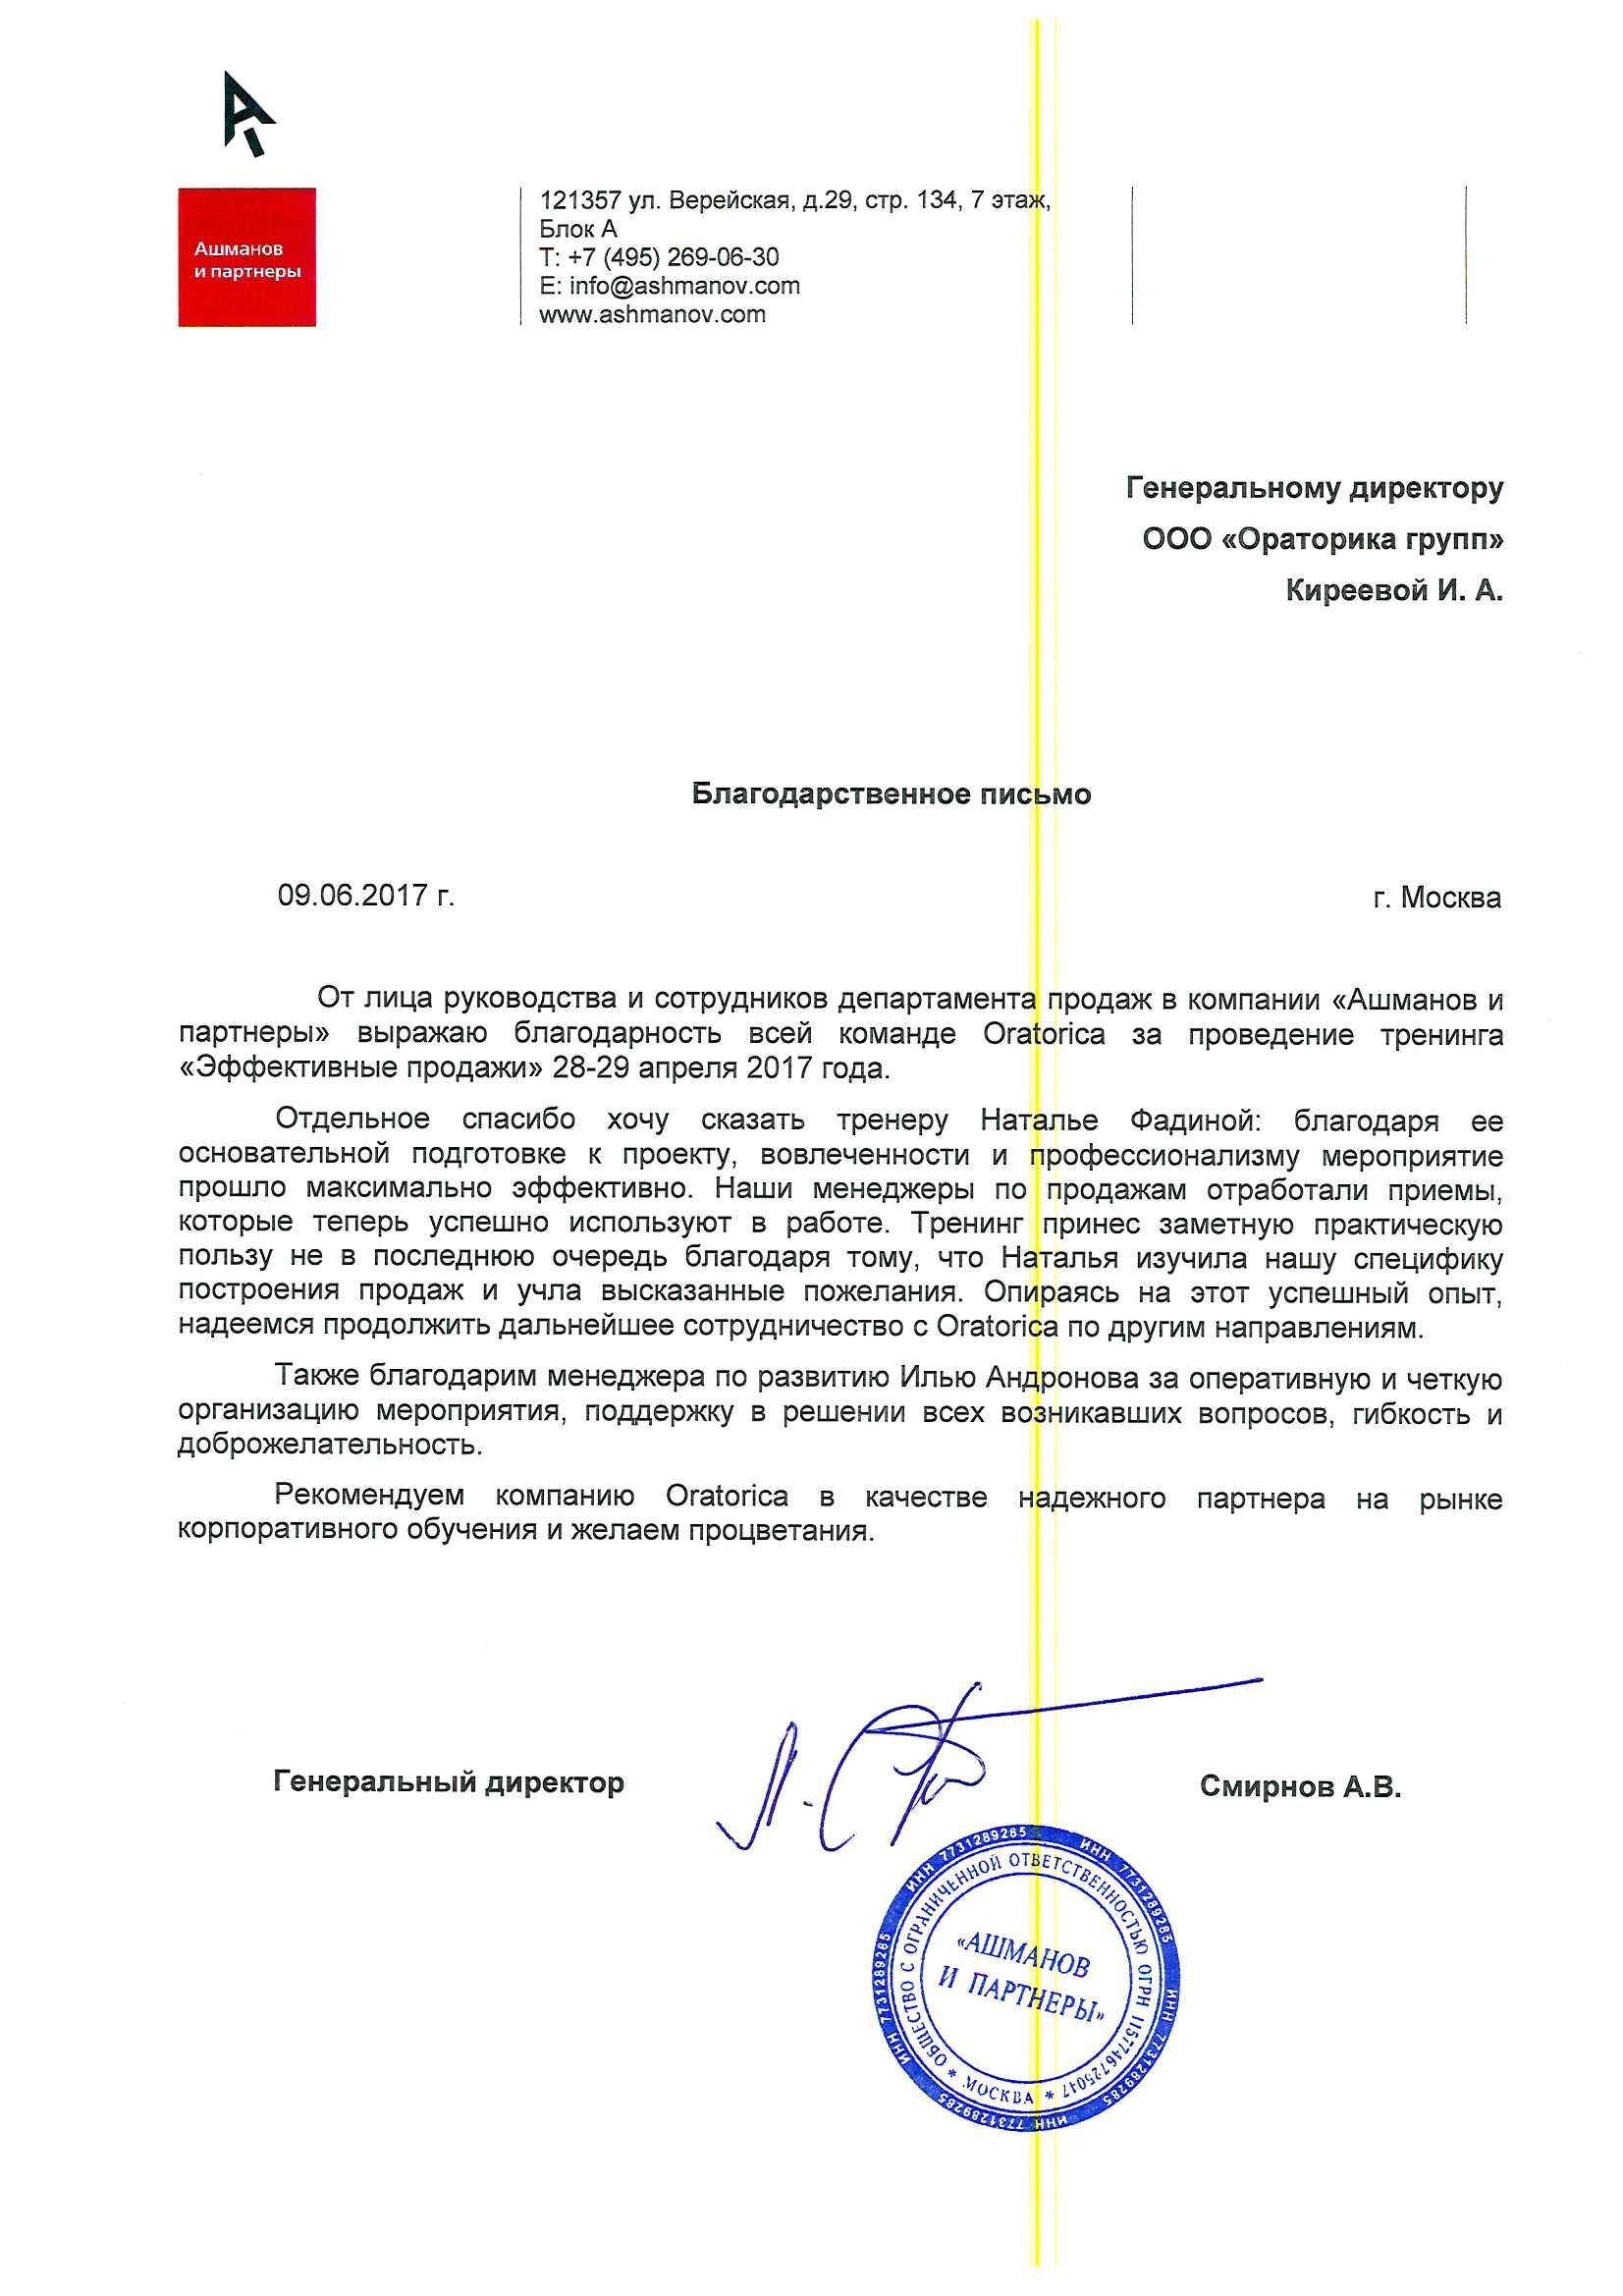 Отзыв Ашманов и Партнеры